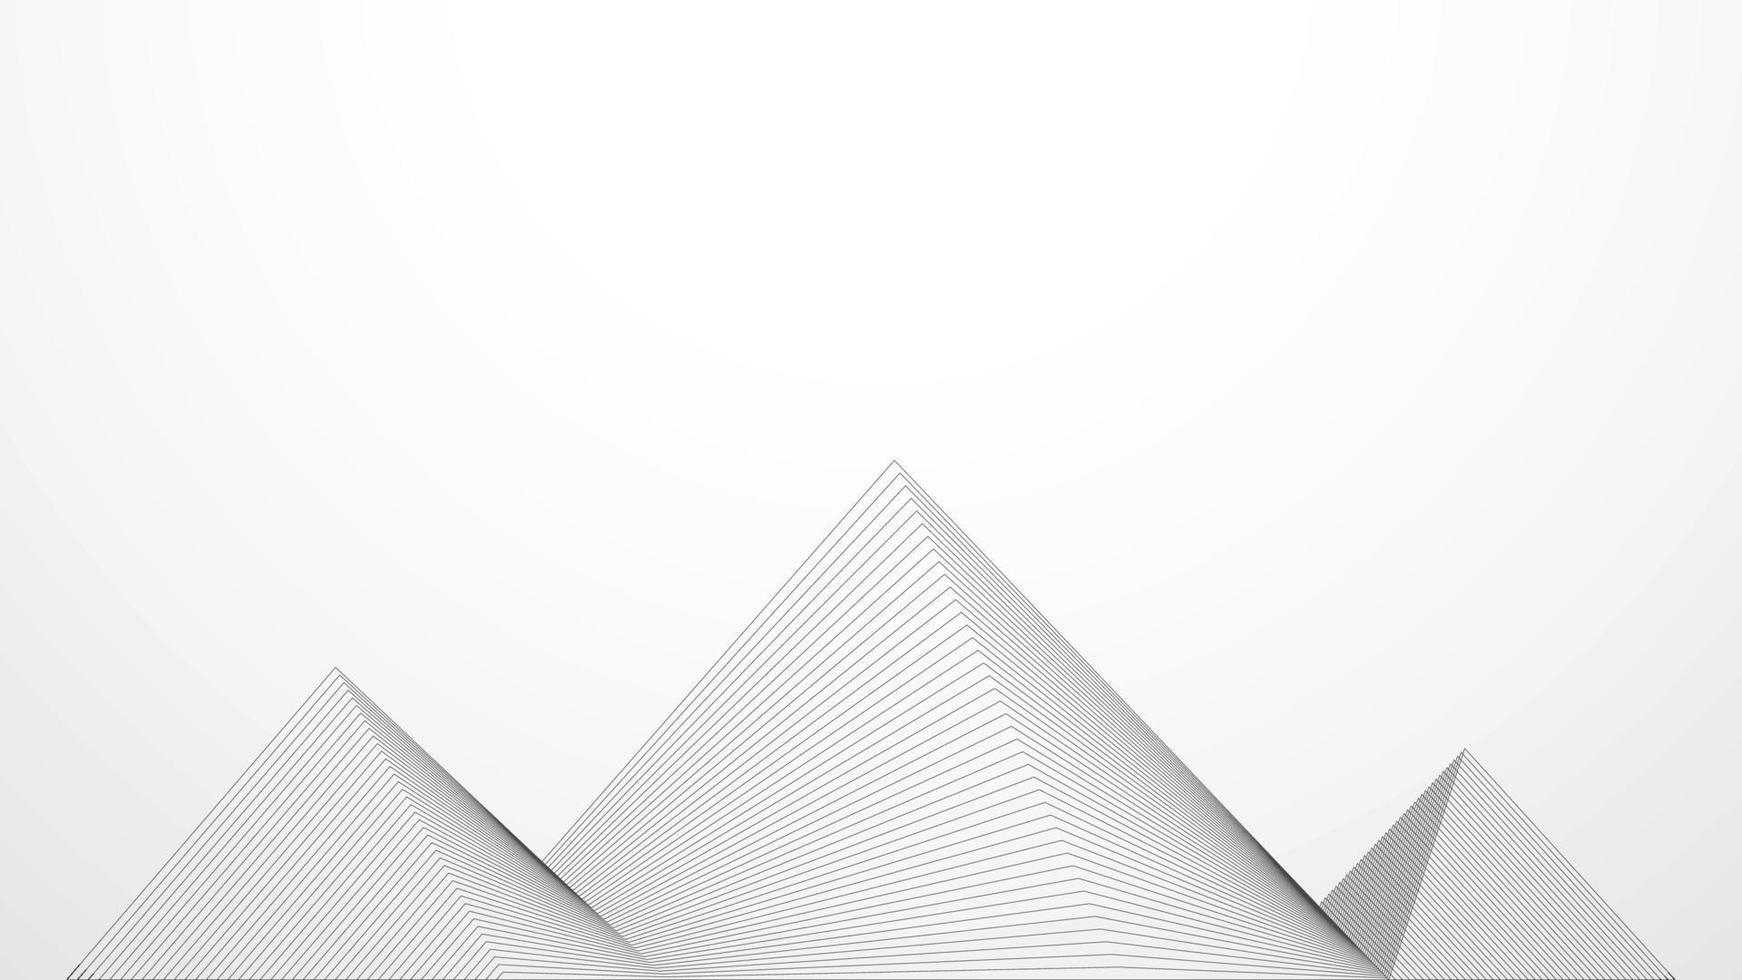 abstrakta pyramidlinjer. futuristisk bakgrund. vektor illustration